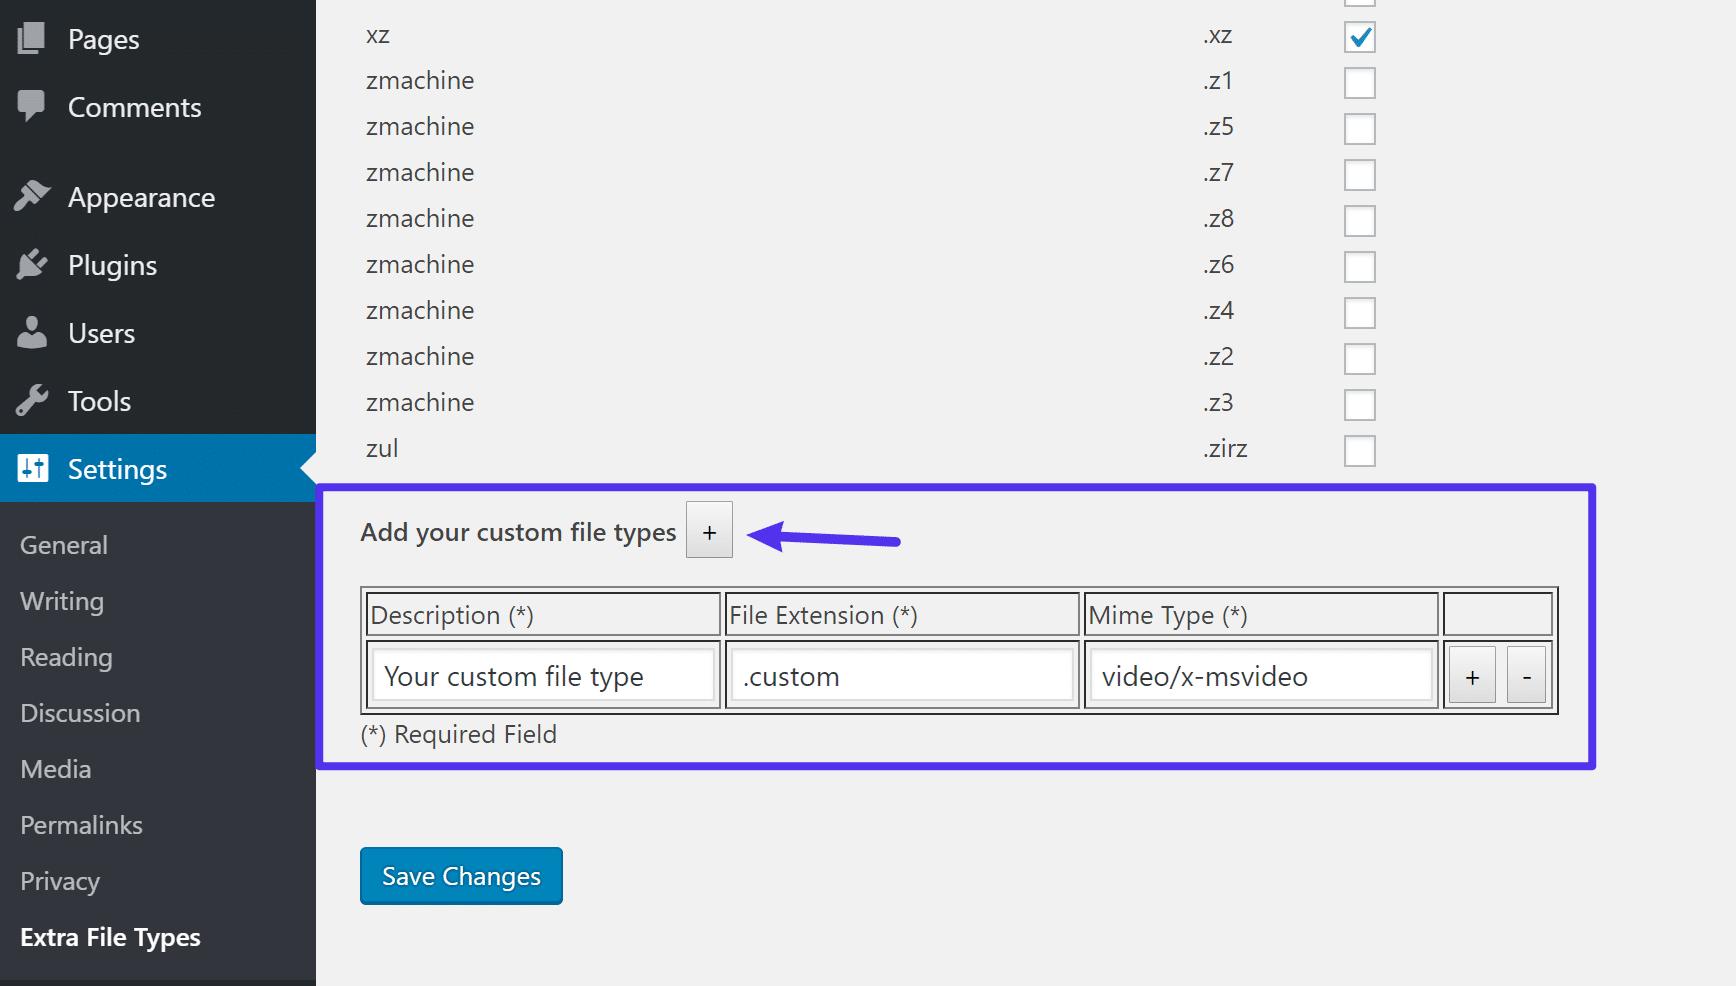 So fügst du deinen eigenen benutzerdefinierten Dateityp hinzu